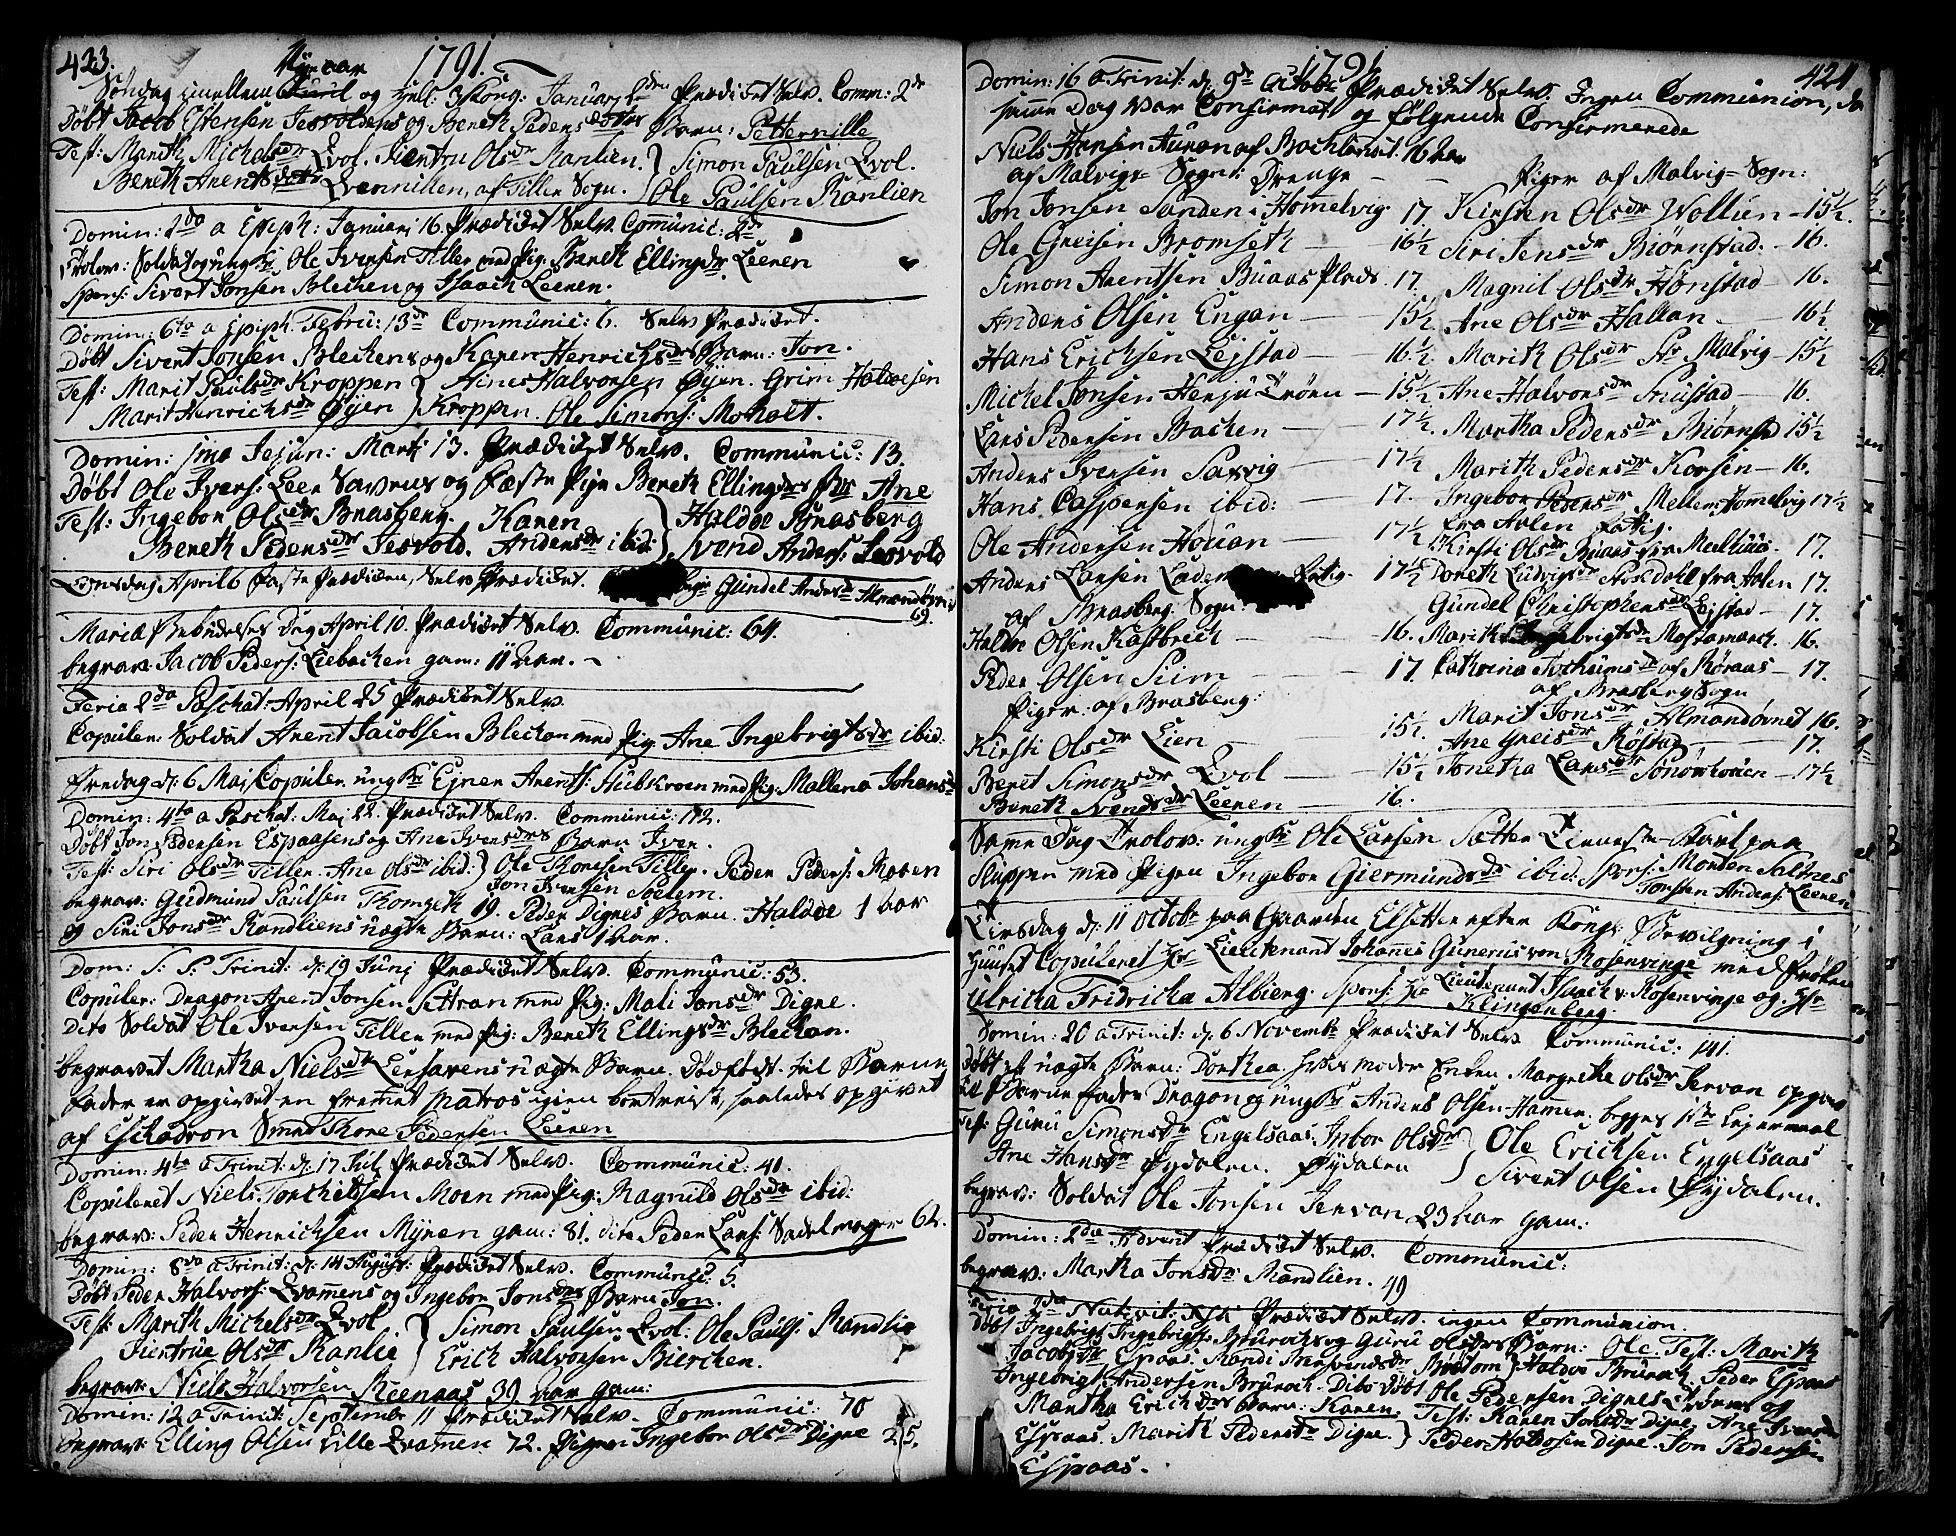 SAT, Ministerialprotokoller, klokkerbøker og fødselsregistre - Sør-Trøndelag, 606/L0282: Ministerialbok nr. 606A02 /3, 1781-1817, s. 423-424